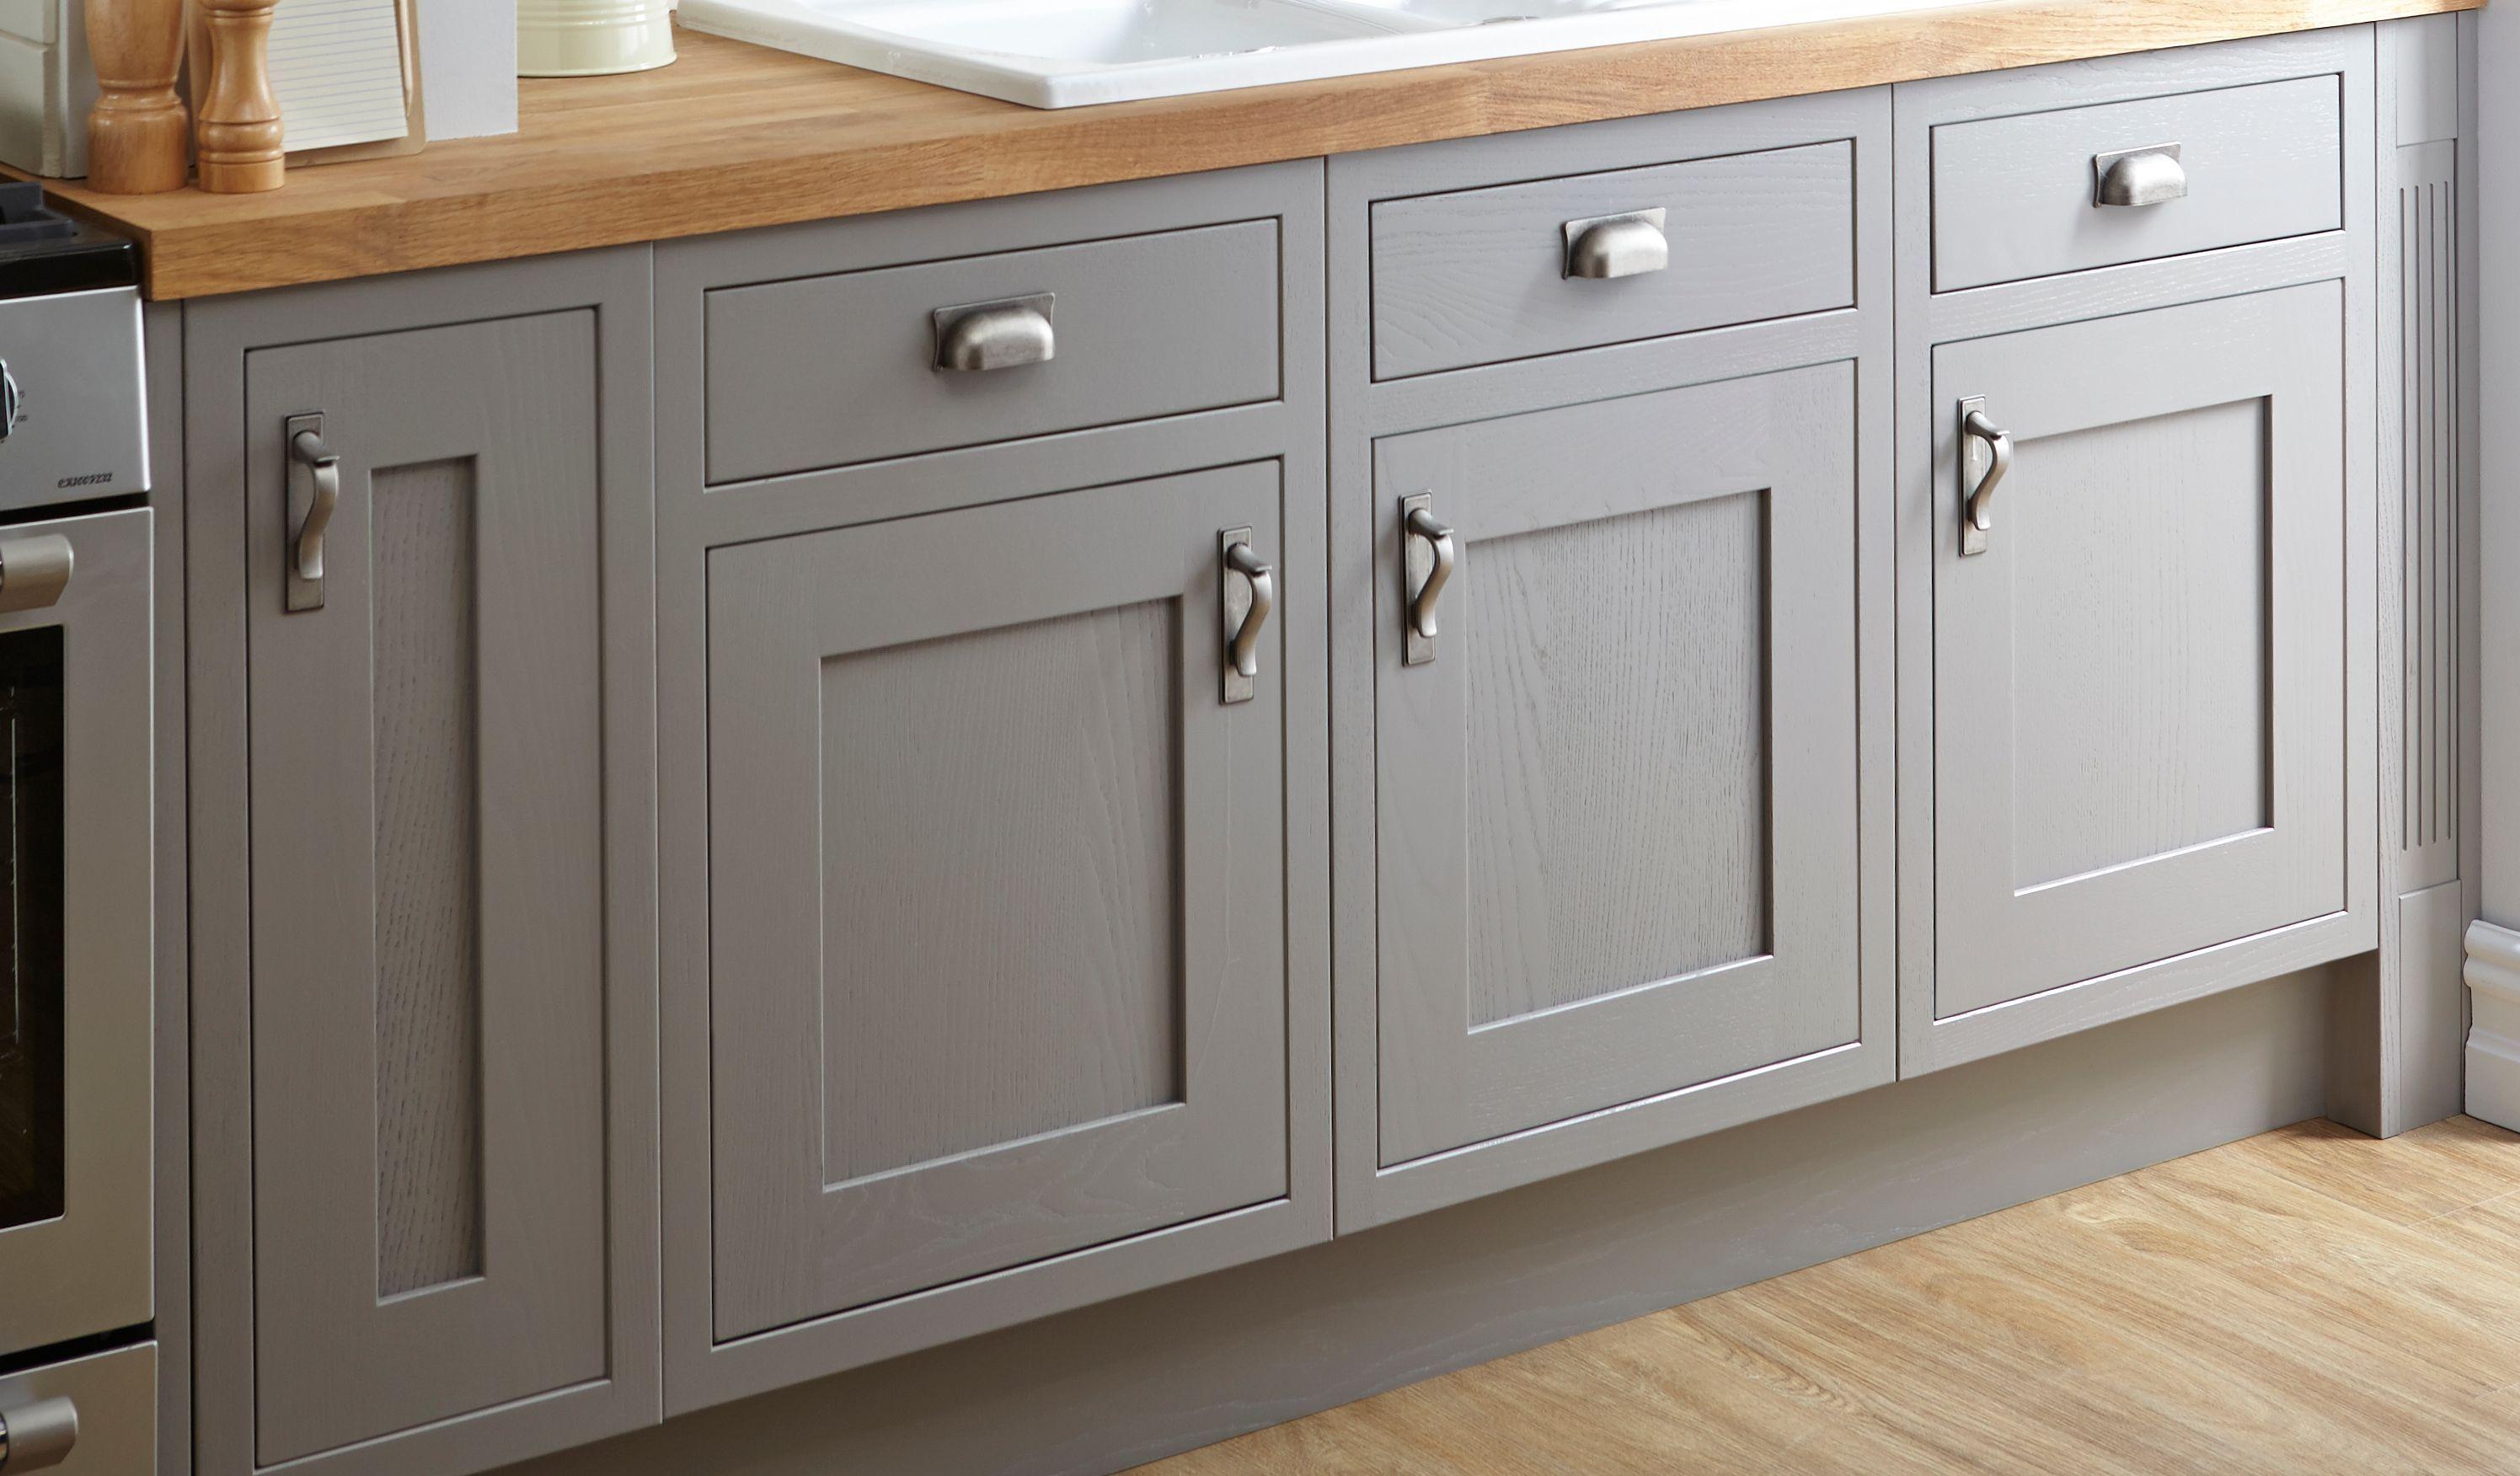 Shaker style kitchen door knobs retrocomputinggeek